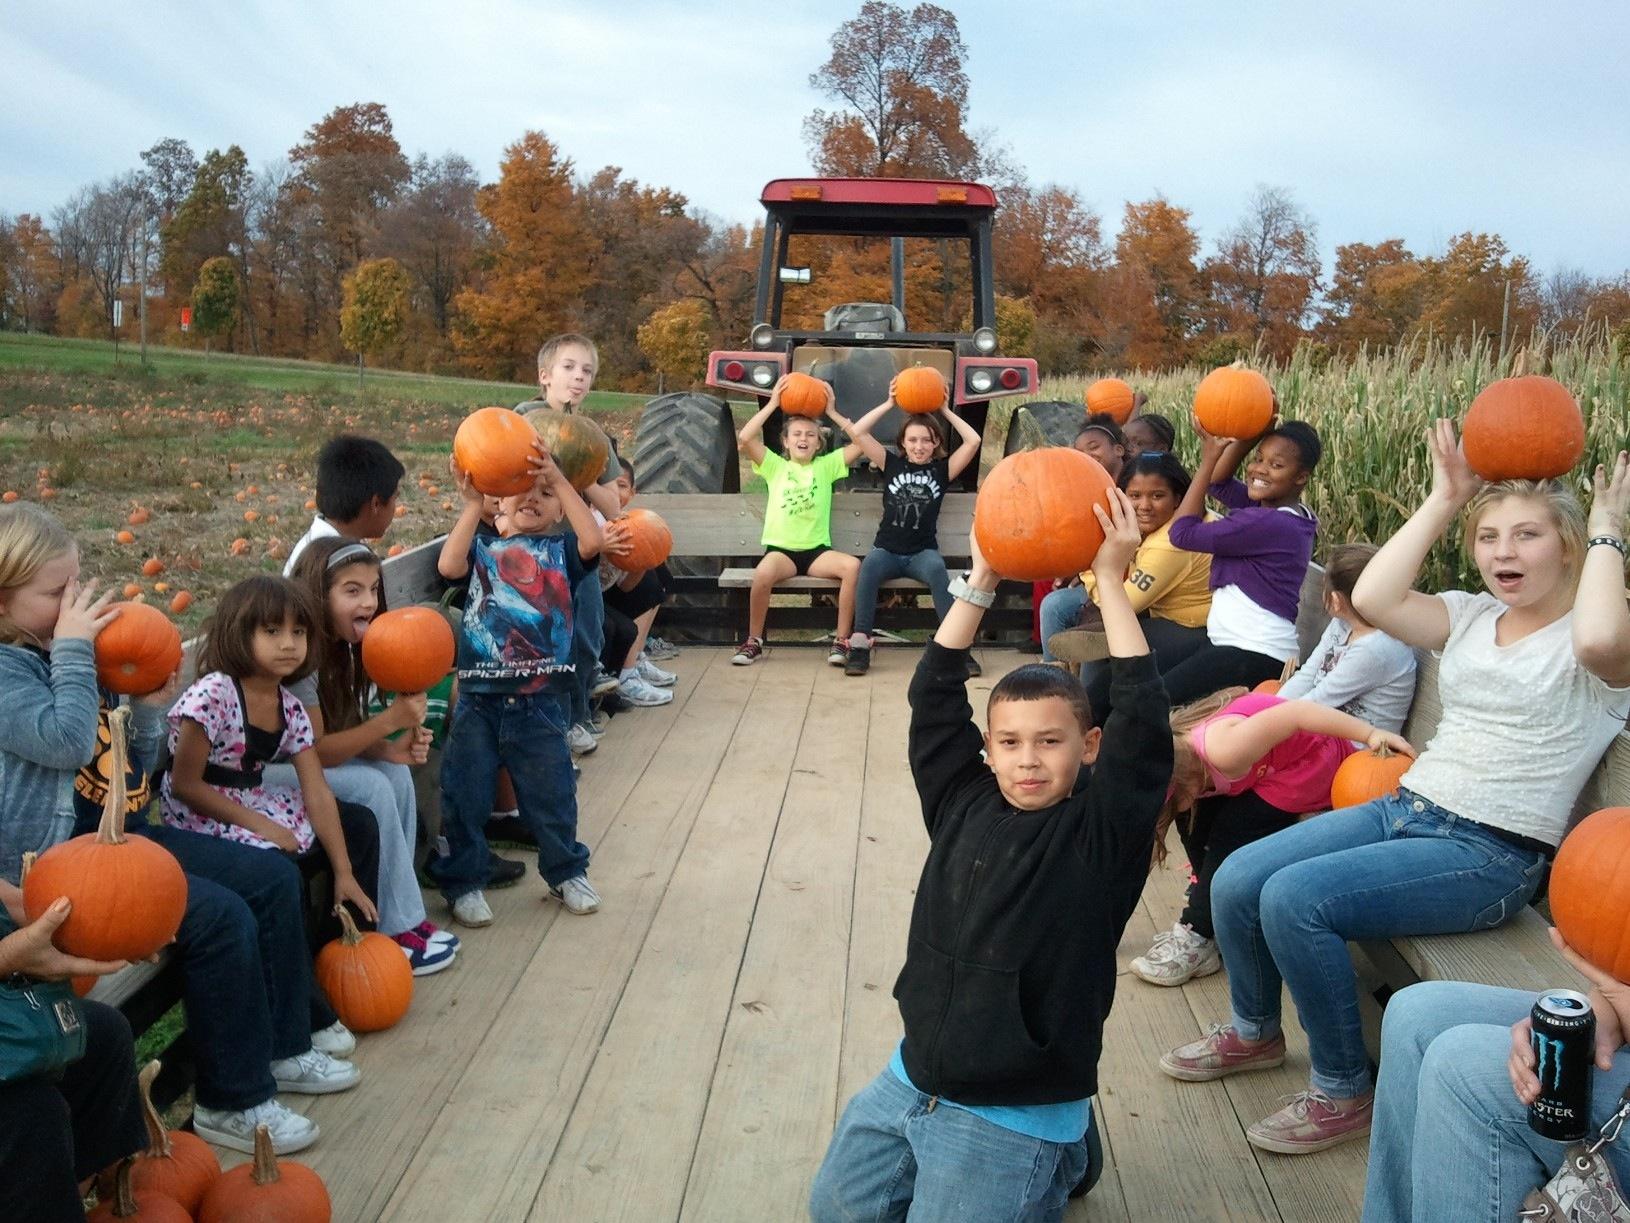 Joe Hubers Pumpkin time